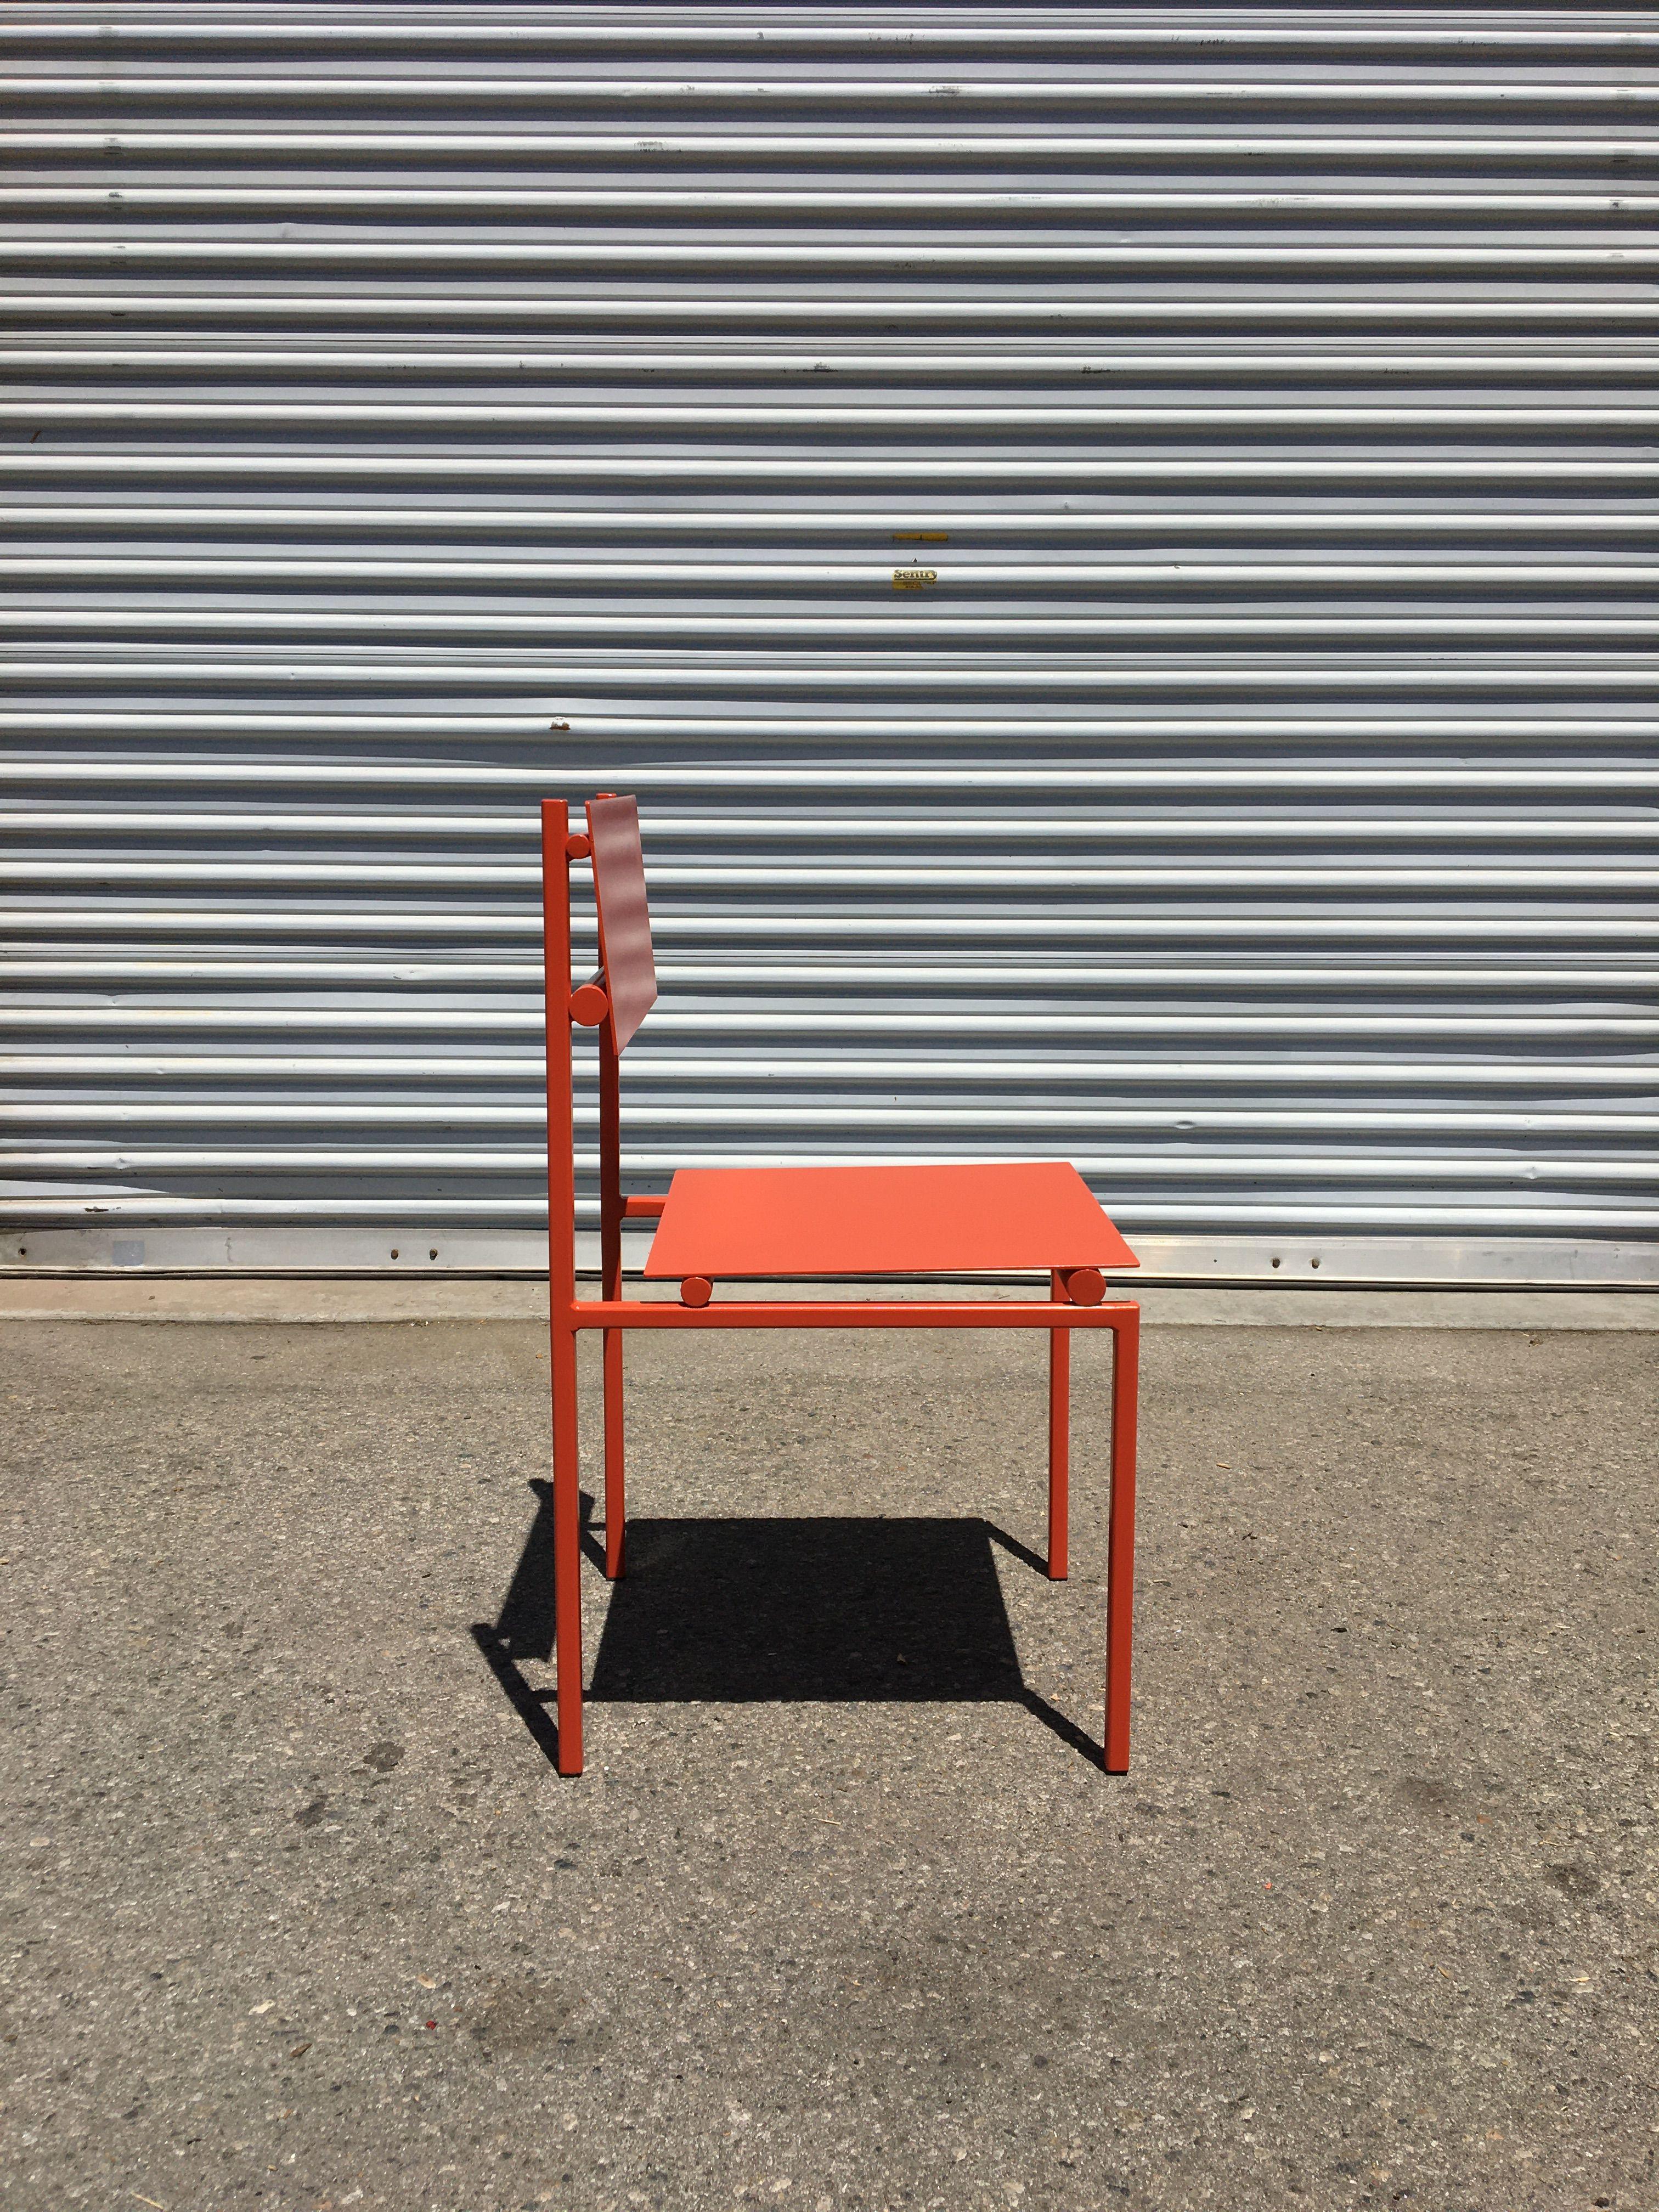 Suspension Metal Set - SIZED LA product image 17